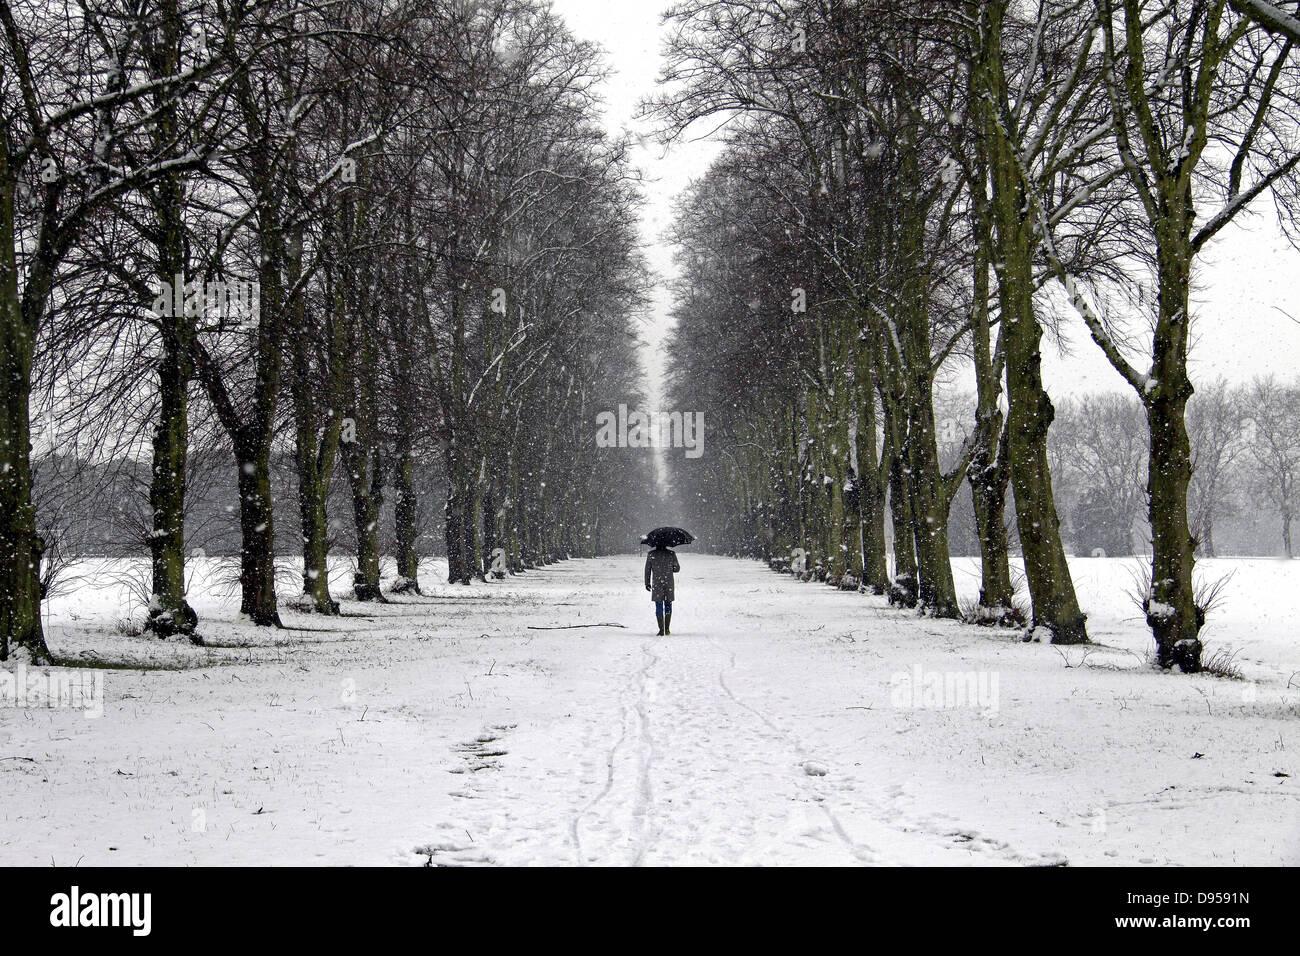 Nieve, nieve escena de persona caminando por avenida arbolada en día de nieve, Foto de stock